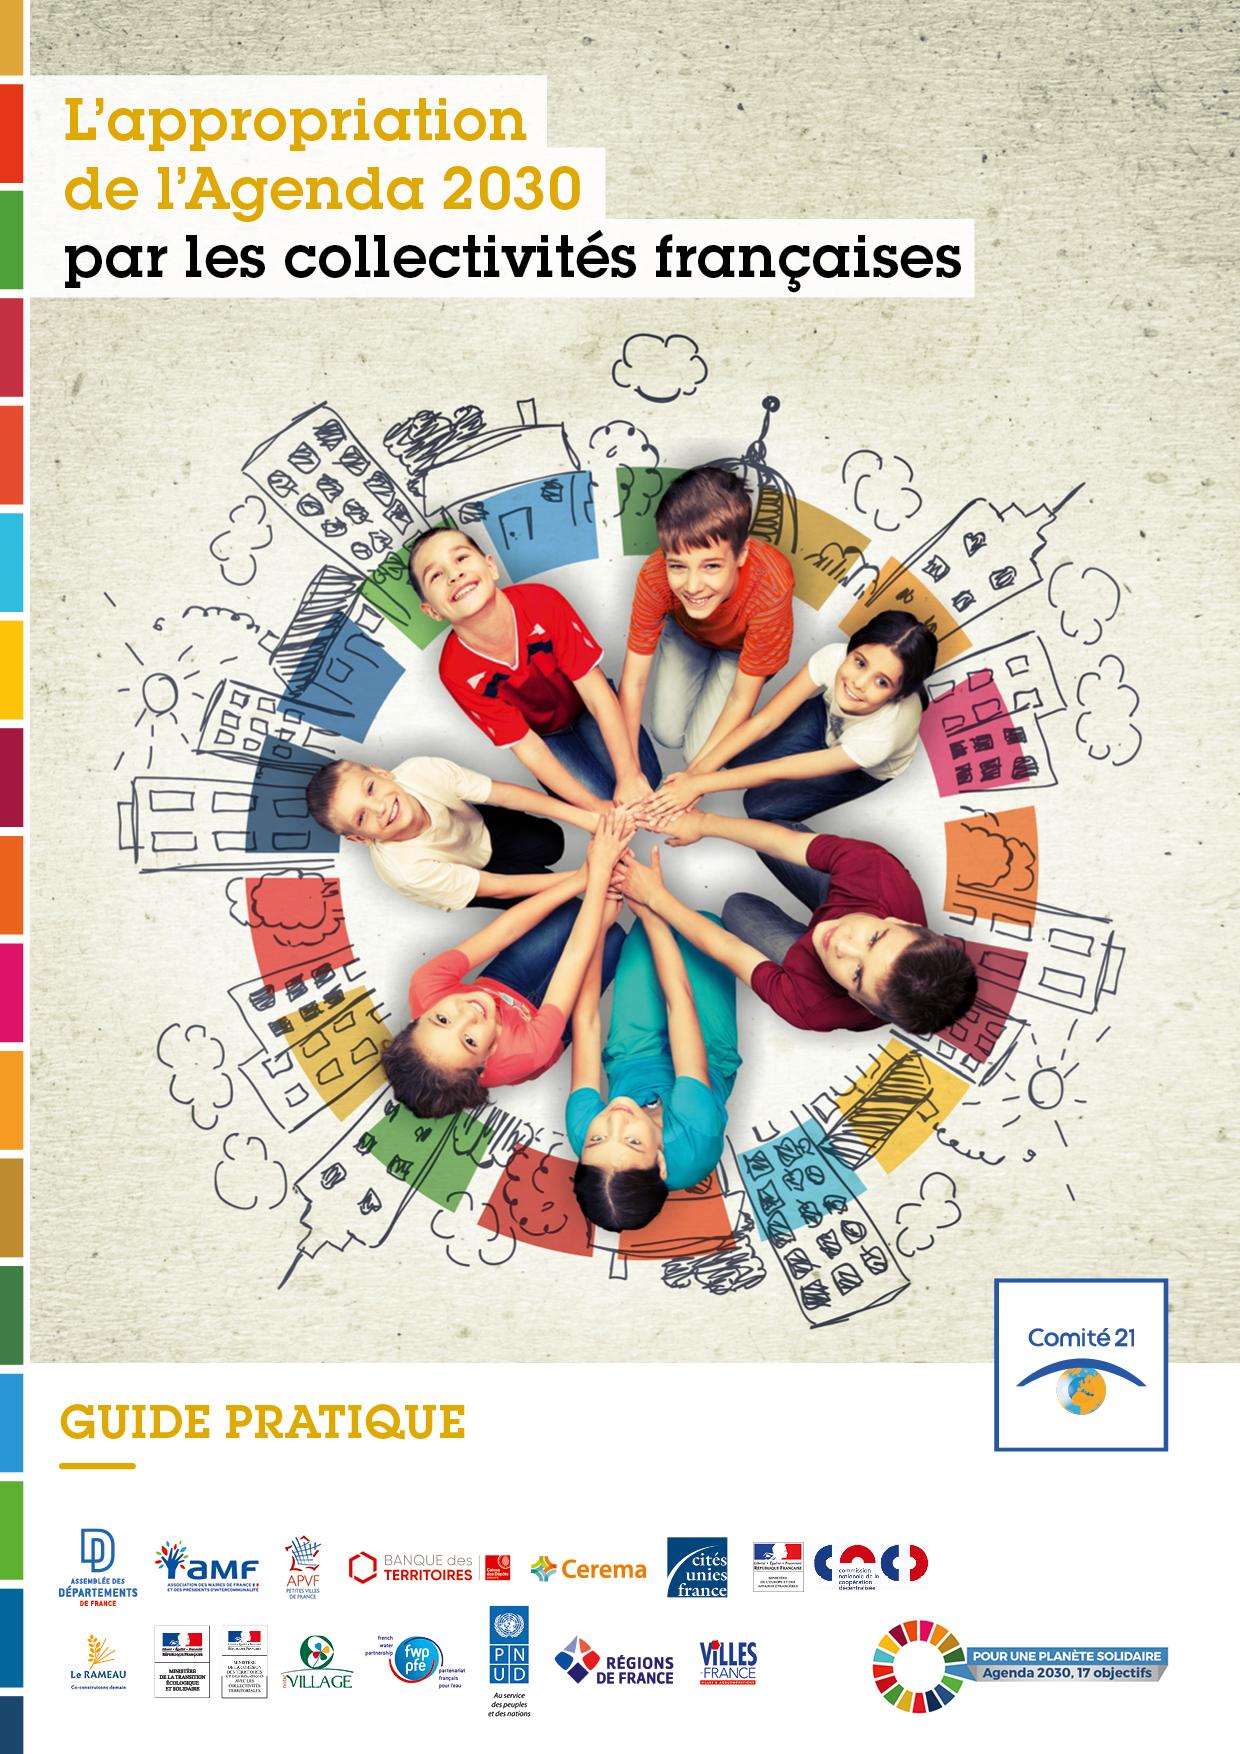 SAVE THE DATE : Lancement du guide « Pour l'appropriation de l'Agenda 2030 par les collectivités françaises » au Salon des Maires